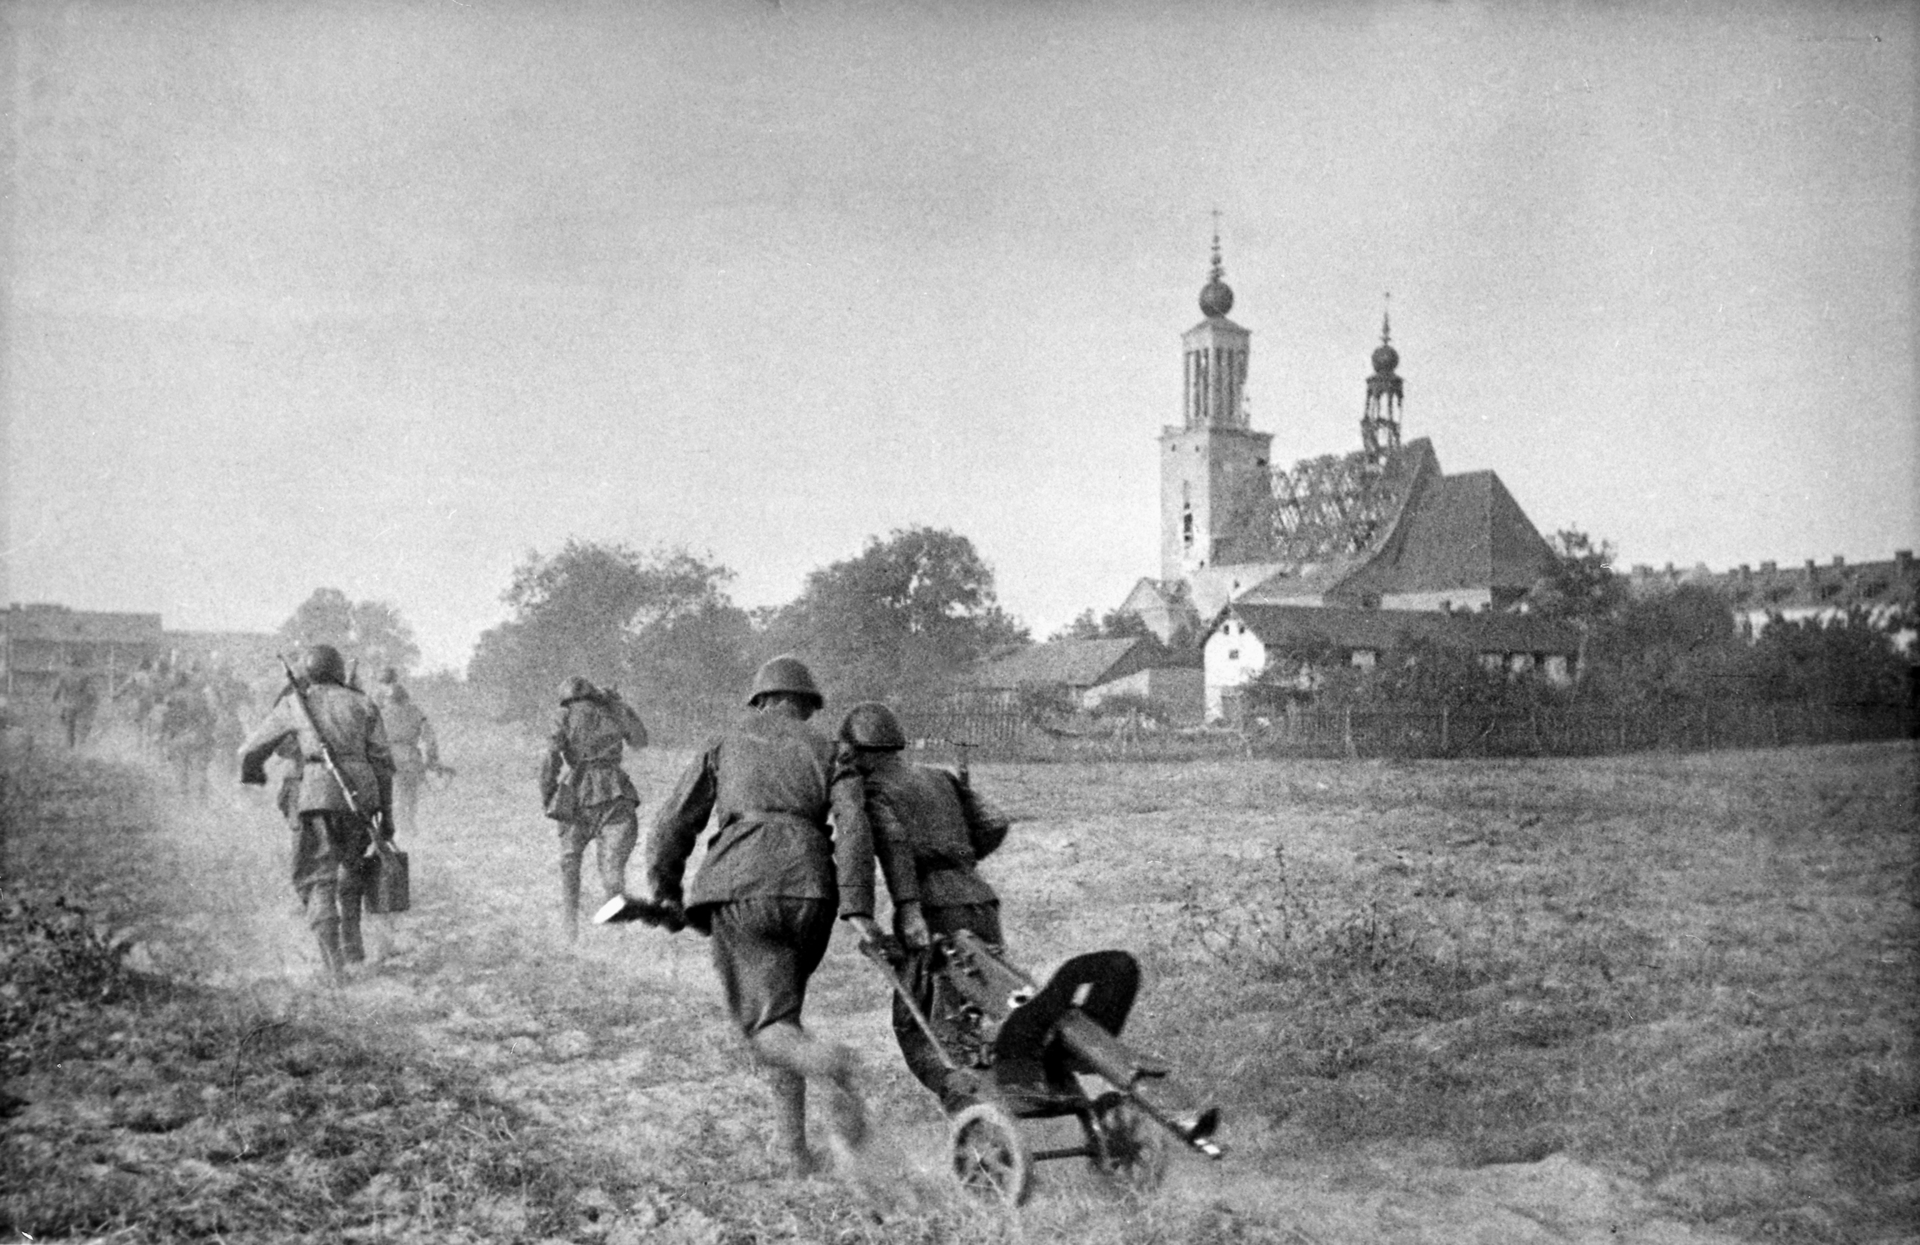 #ТвитыПобеды: Варшава освобождена! События 1945 года в реальном времени